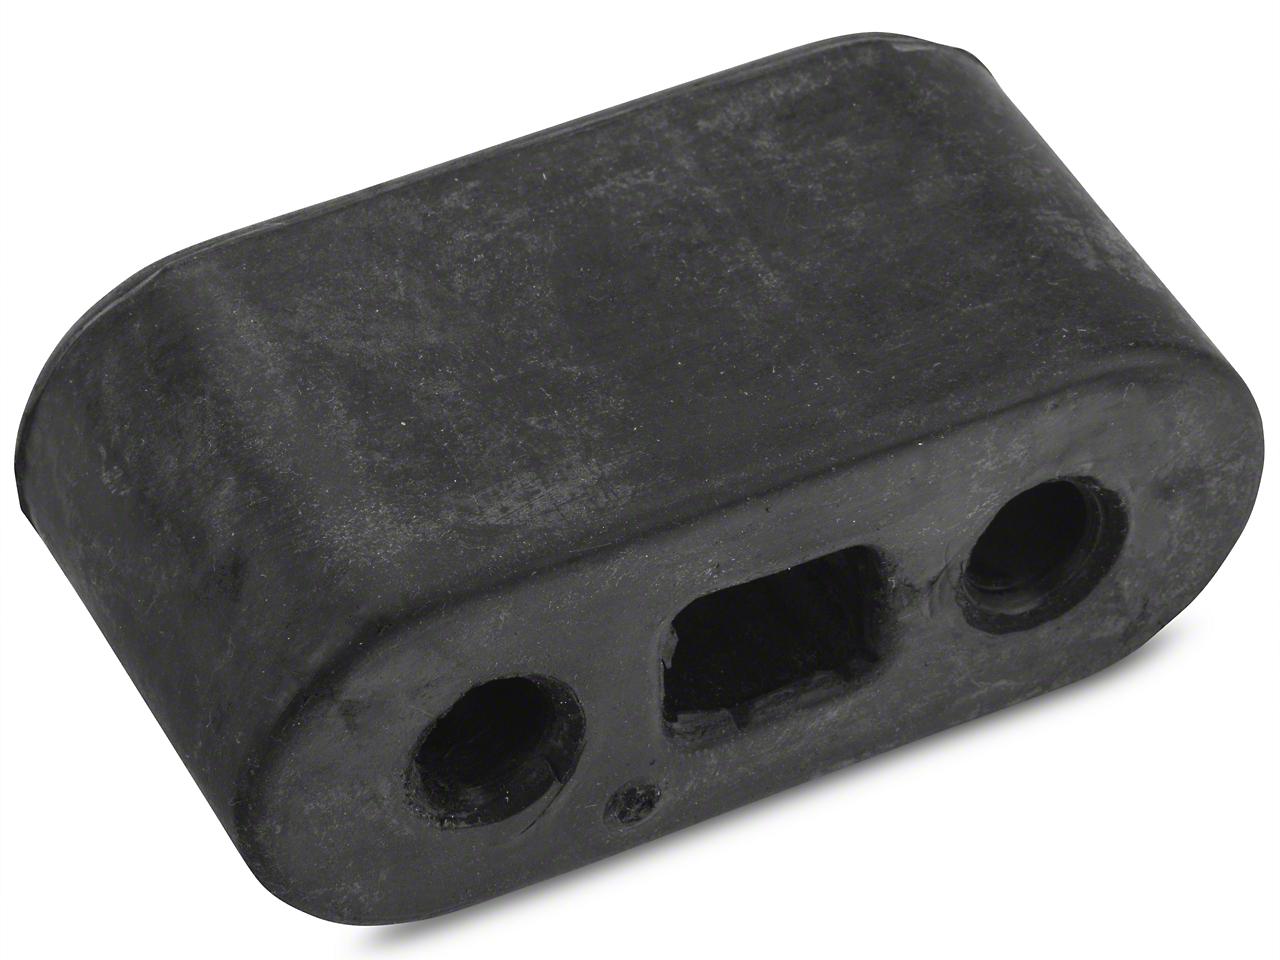 Exhaust Hanger Rubber Insulator (86-04 All)